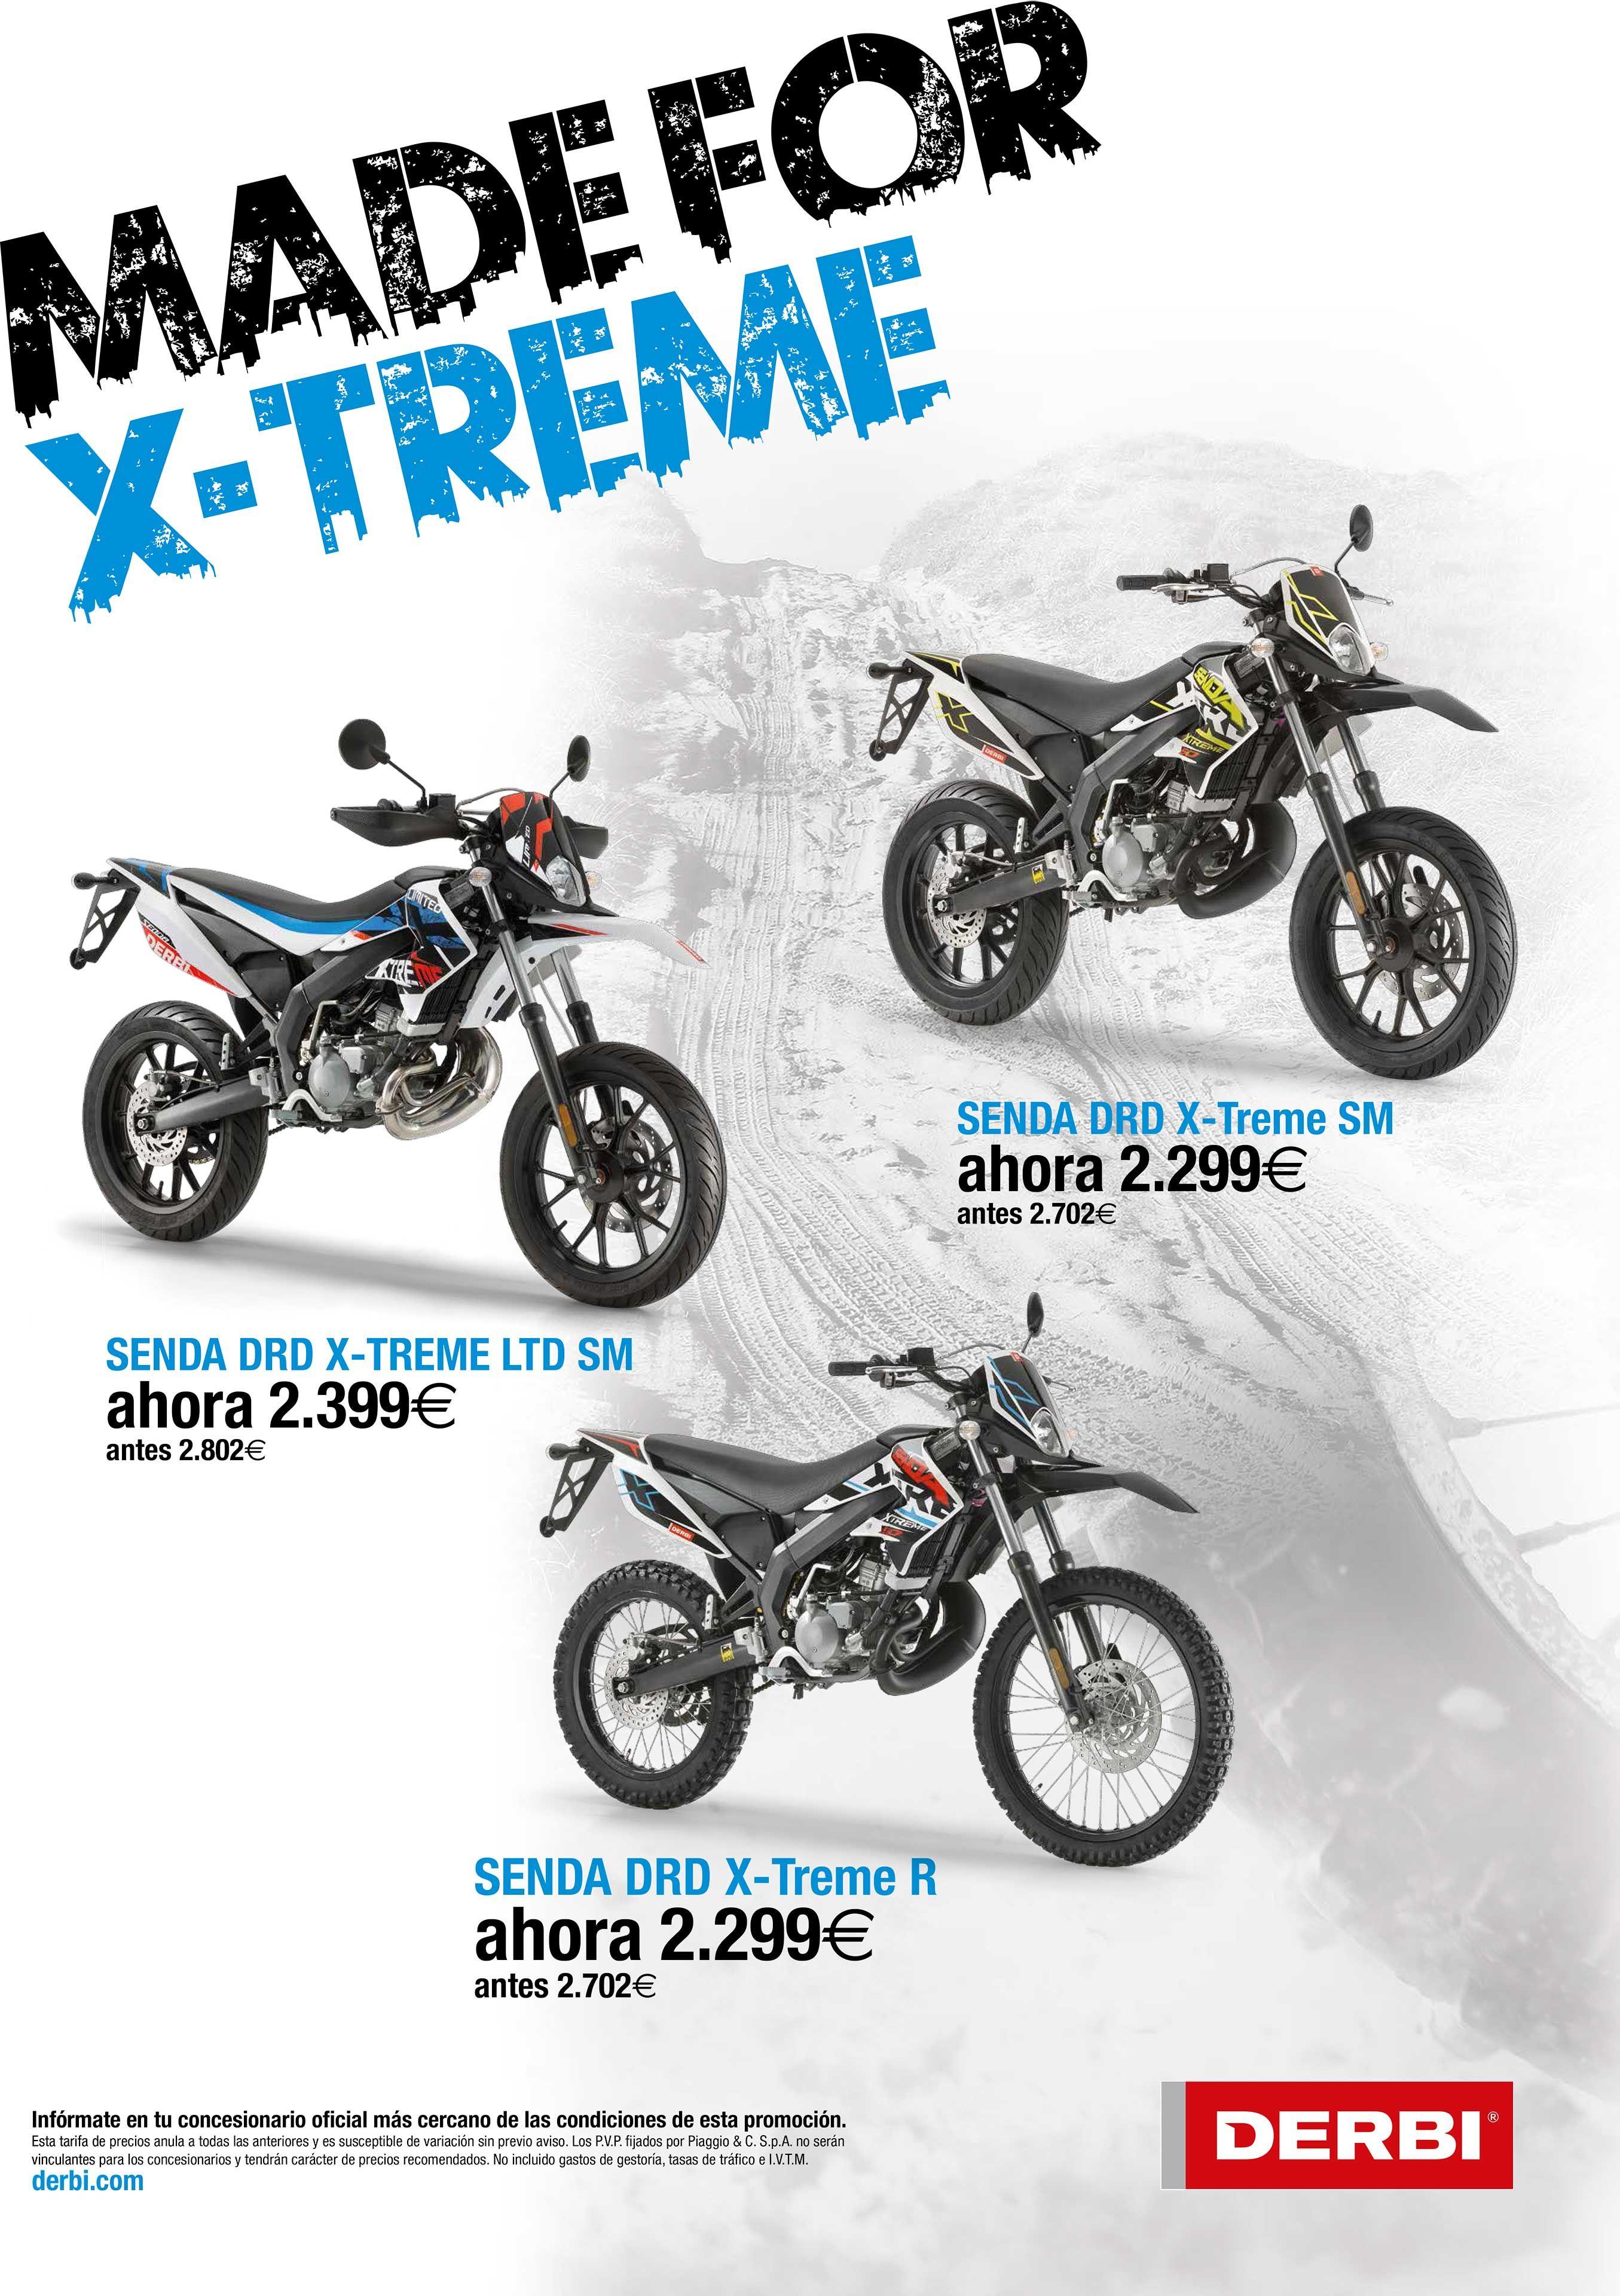 Promoción Derbi Senda DRD X-treme desde 2.299€ hasta el 30 de Septiembre